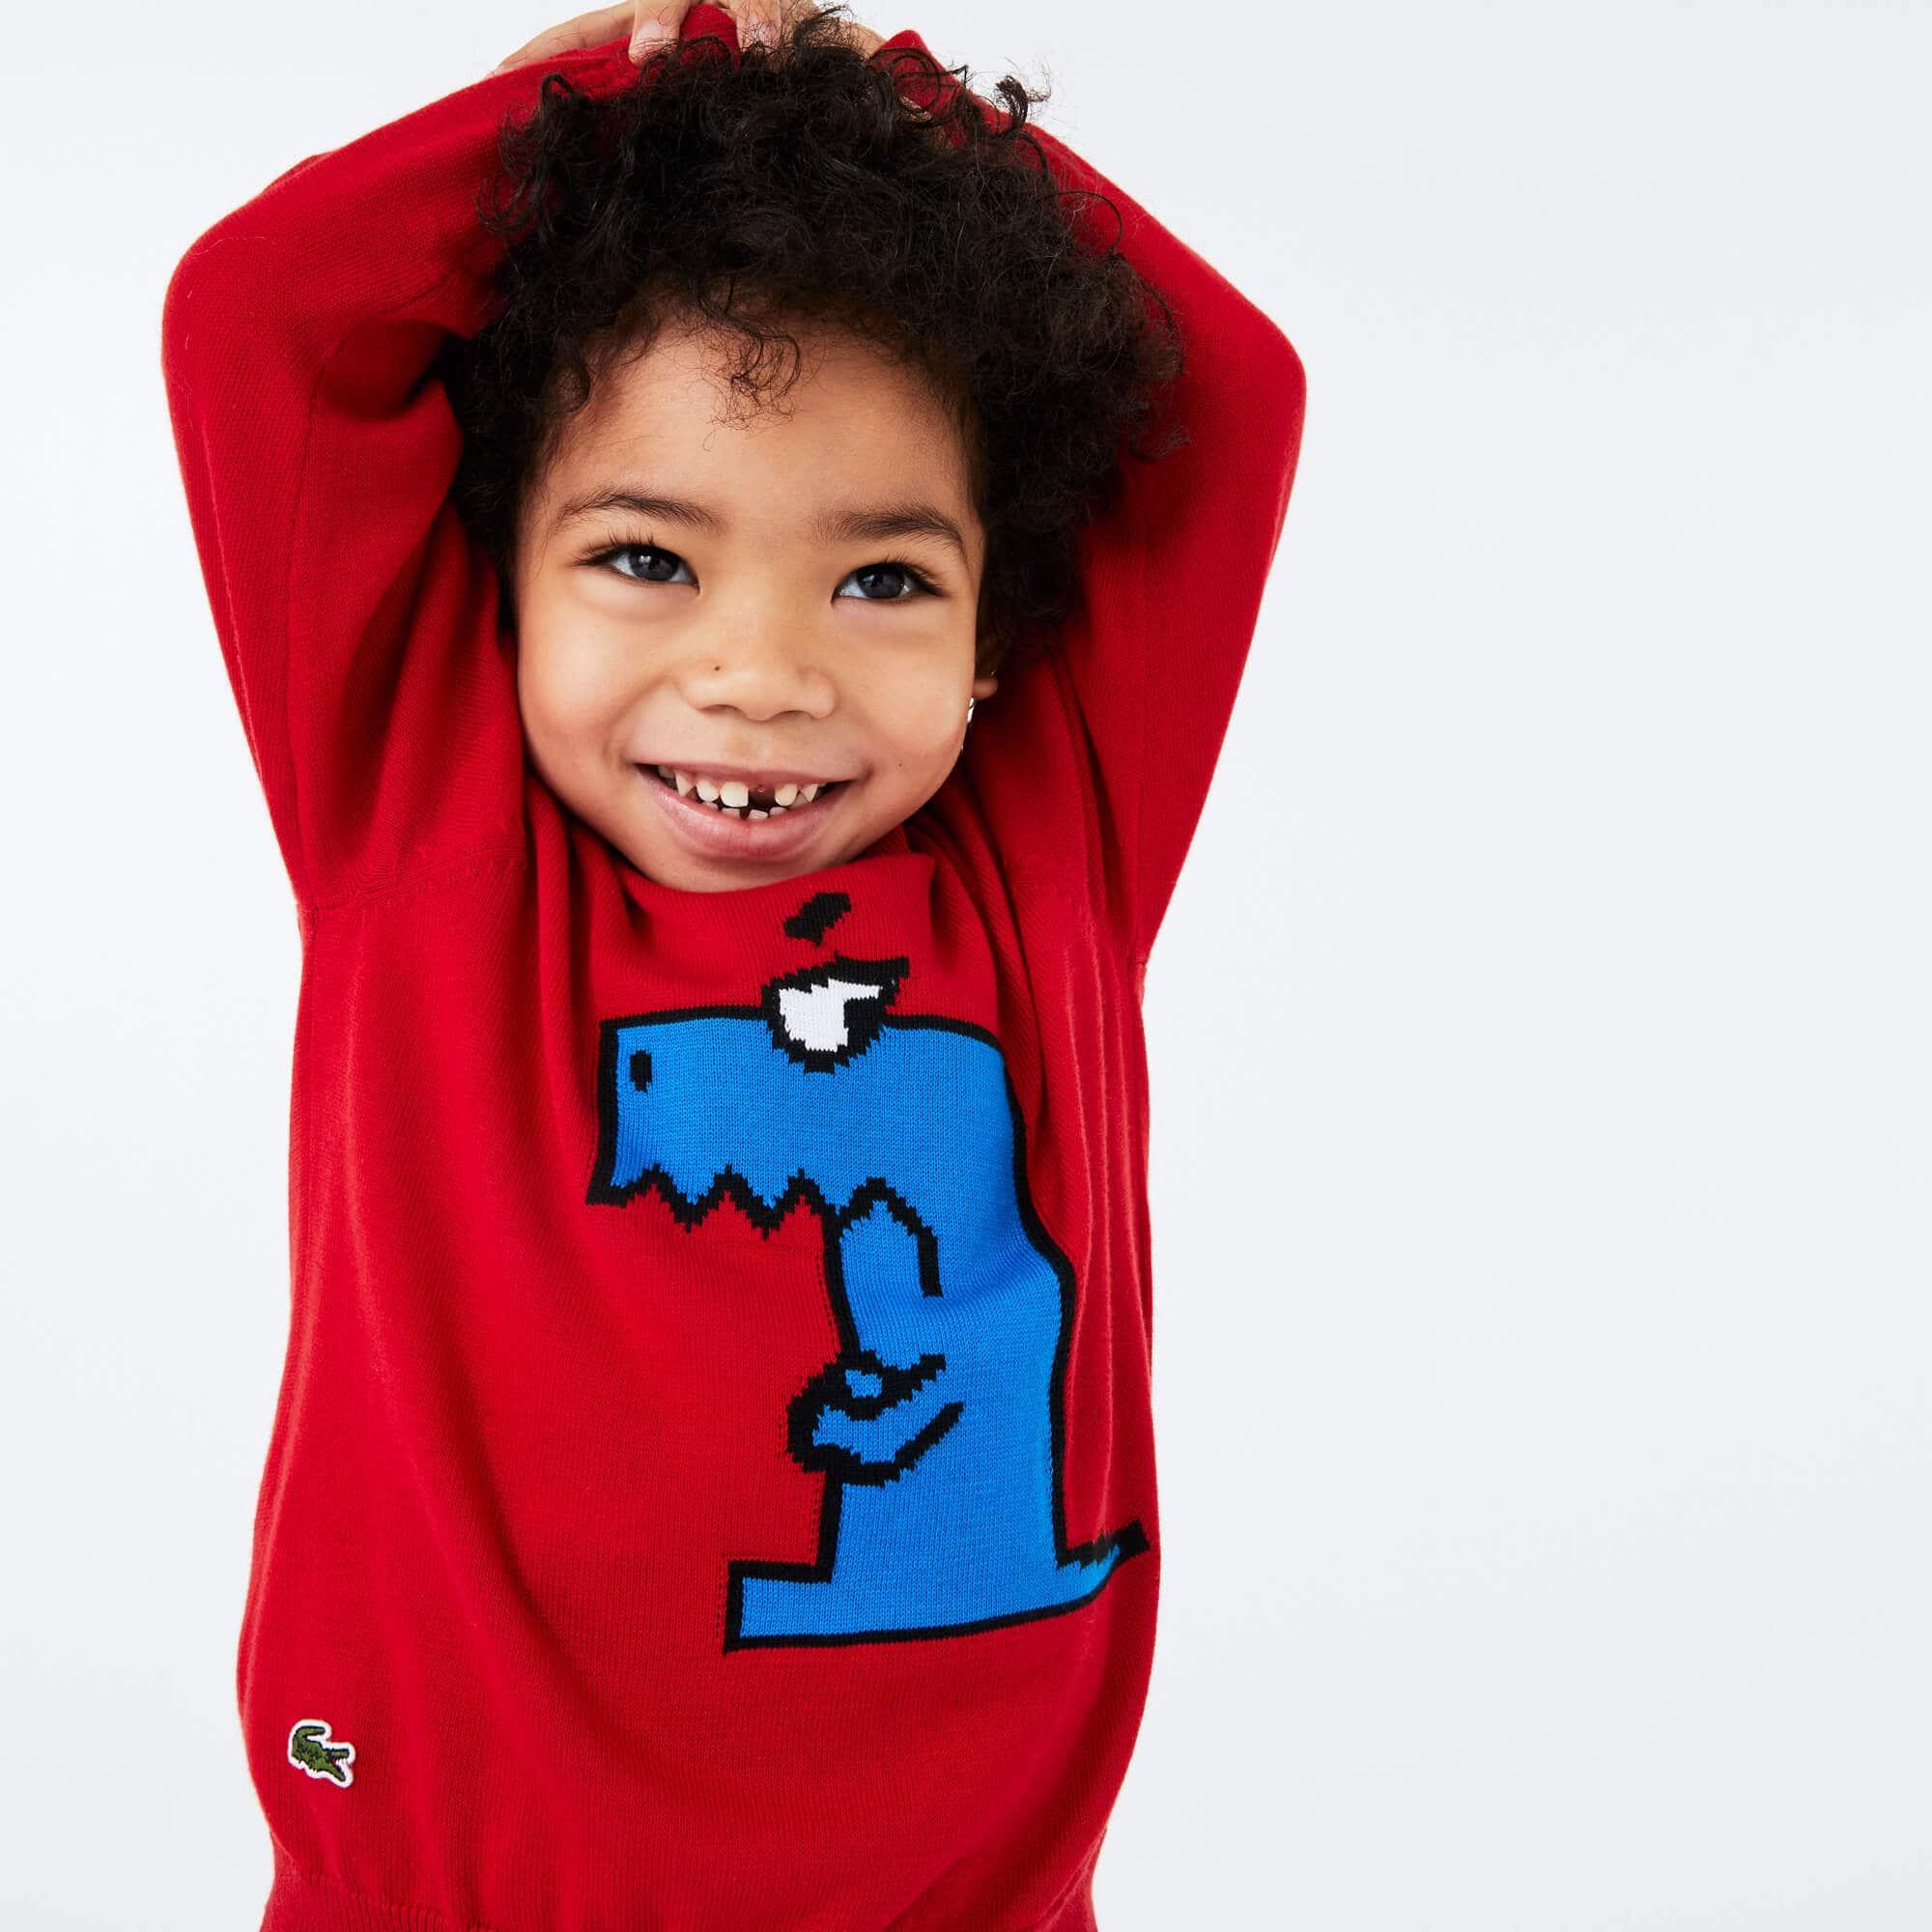 라코스테 Lacoste Boys Fun Crocodile Organic Cotton Sweater,Red / White • HBC